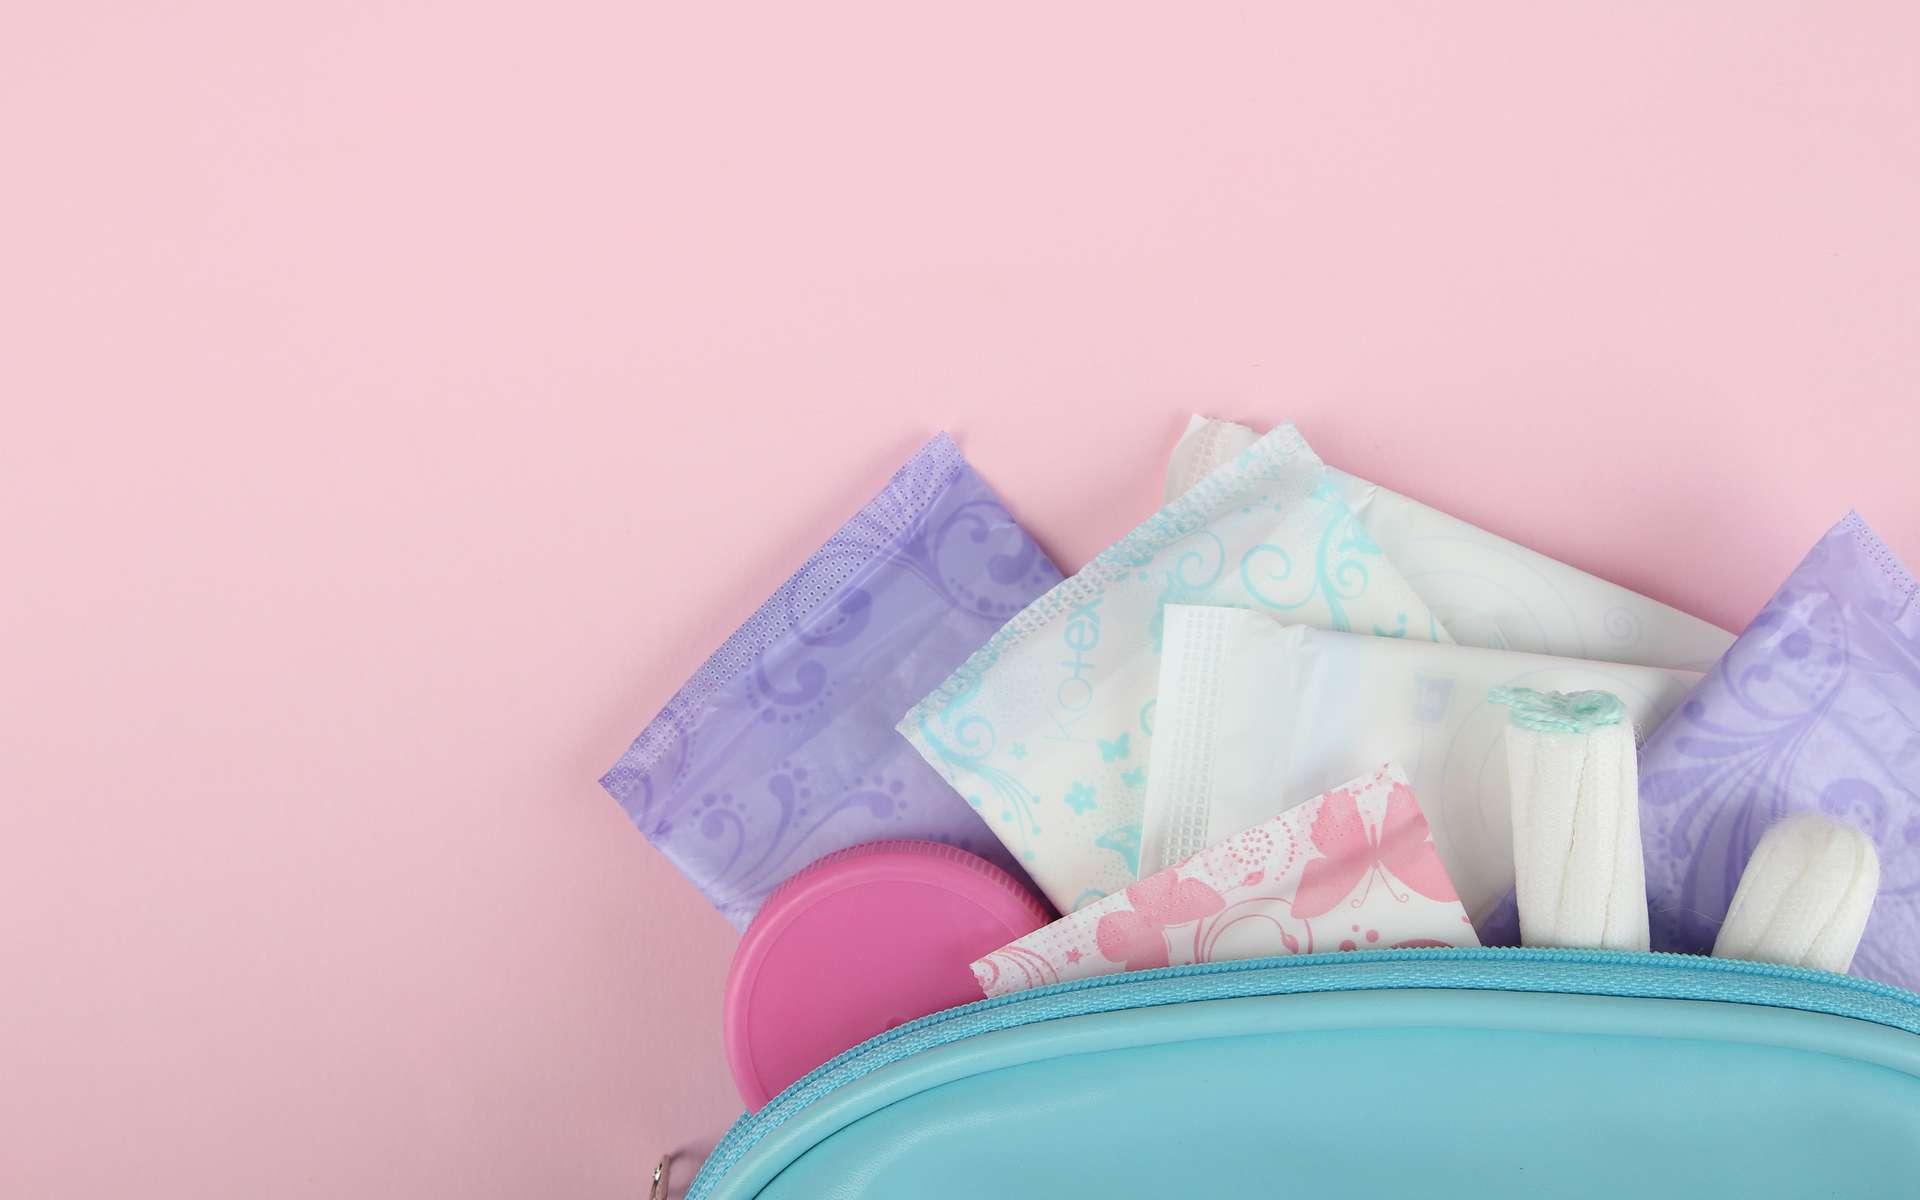 Les serviettes jetables et tampons sont à usage unique et non recyclables. © Studio KIVI, Adobe Stock